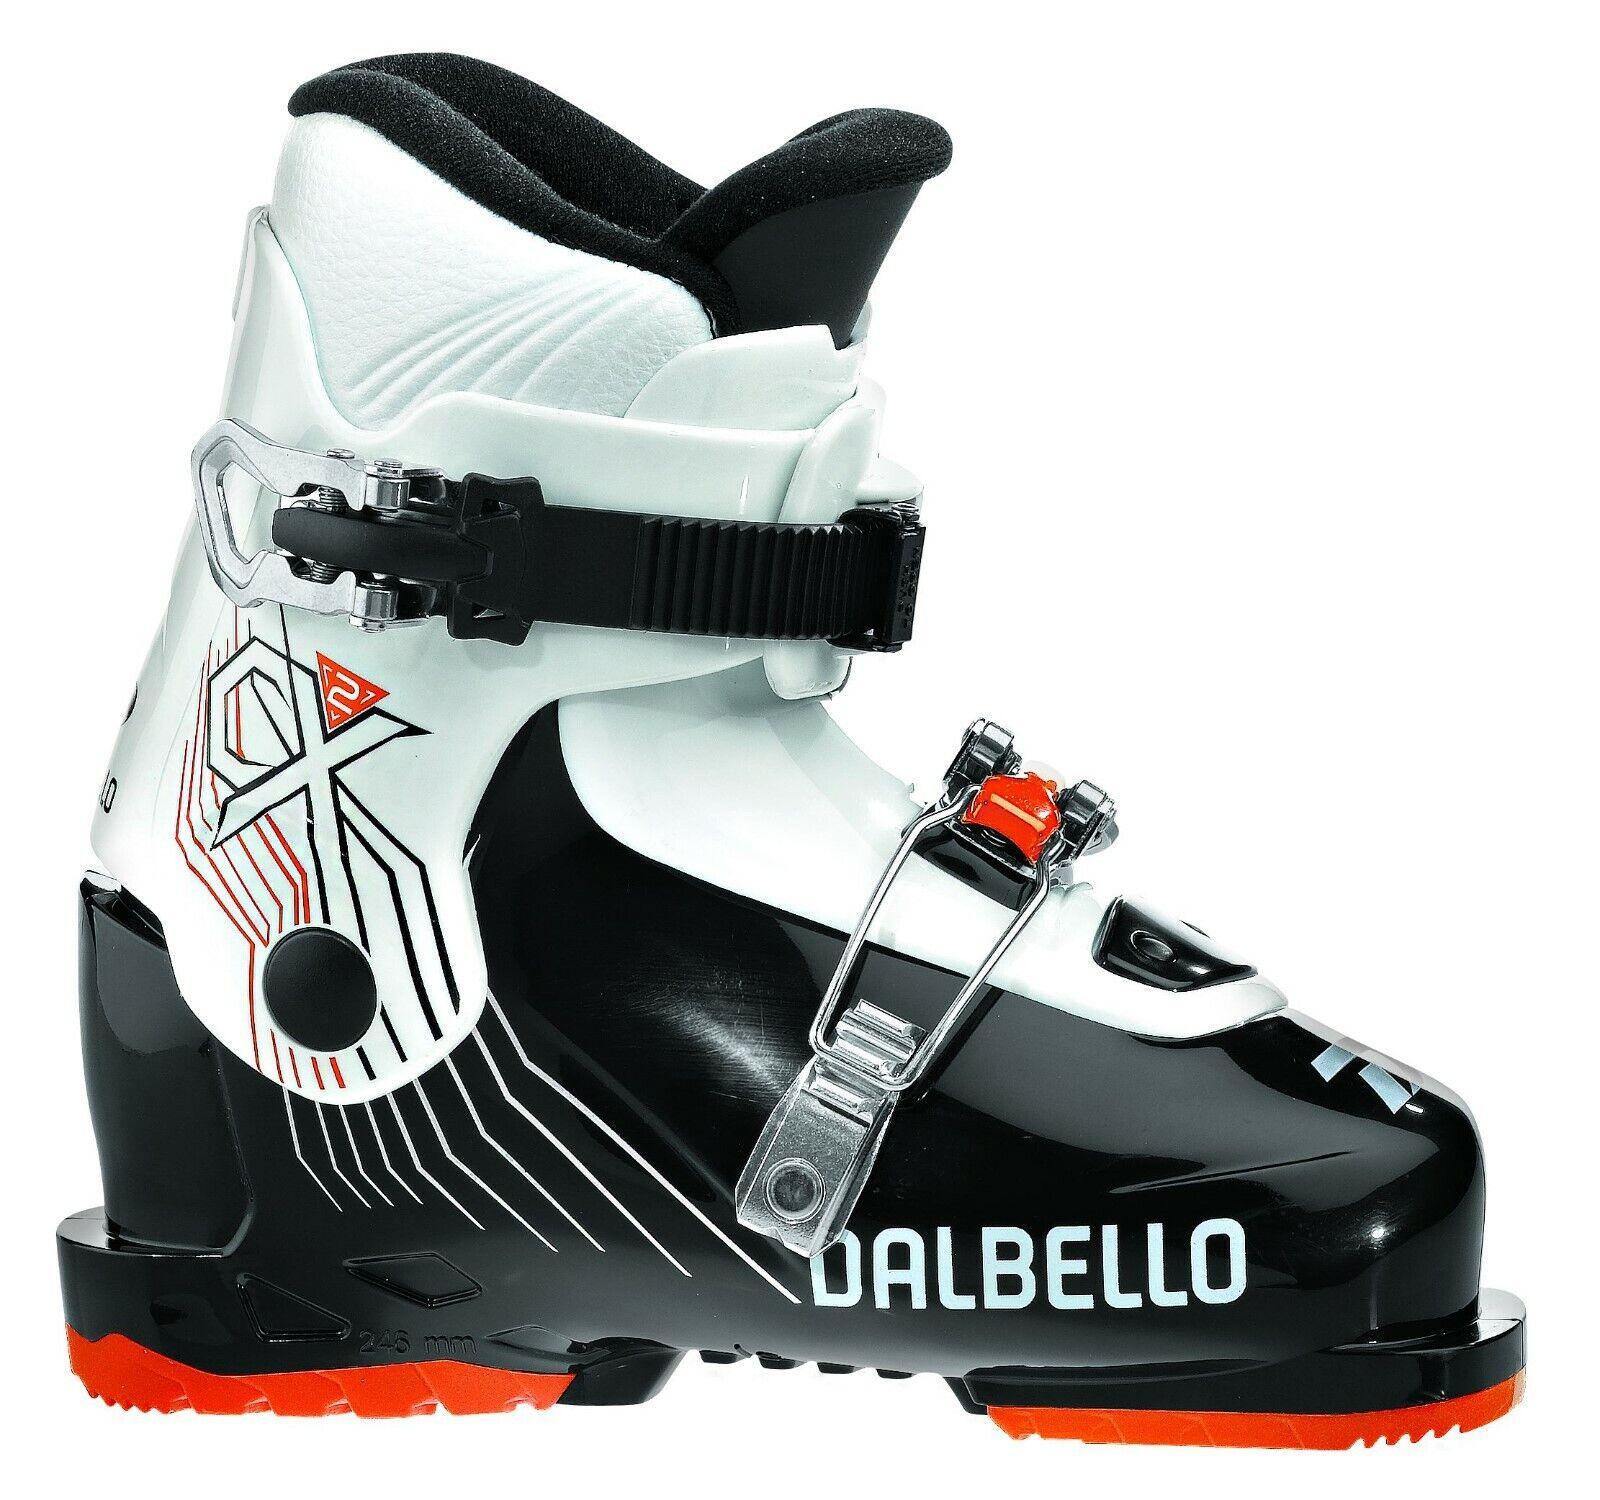 Dalbello Kinder Skischuh CX 2.0  BLACK/ WHITE EU 30.5  MP 195 /  2019